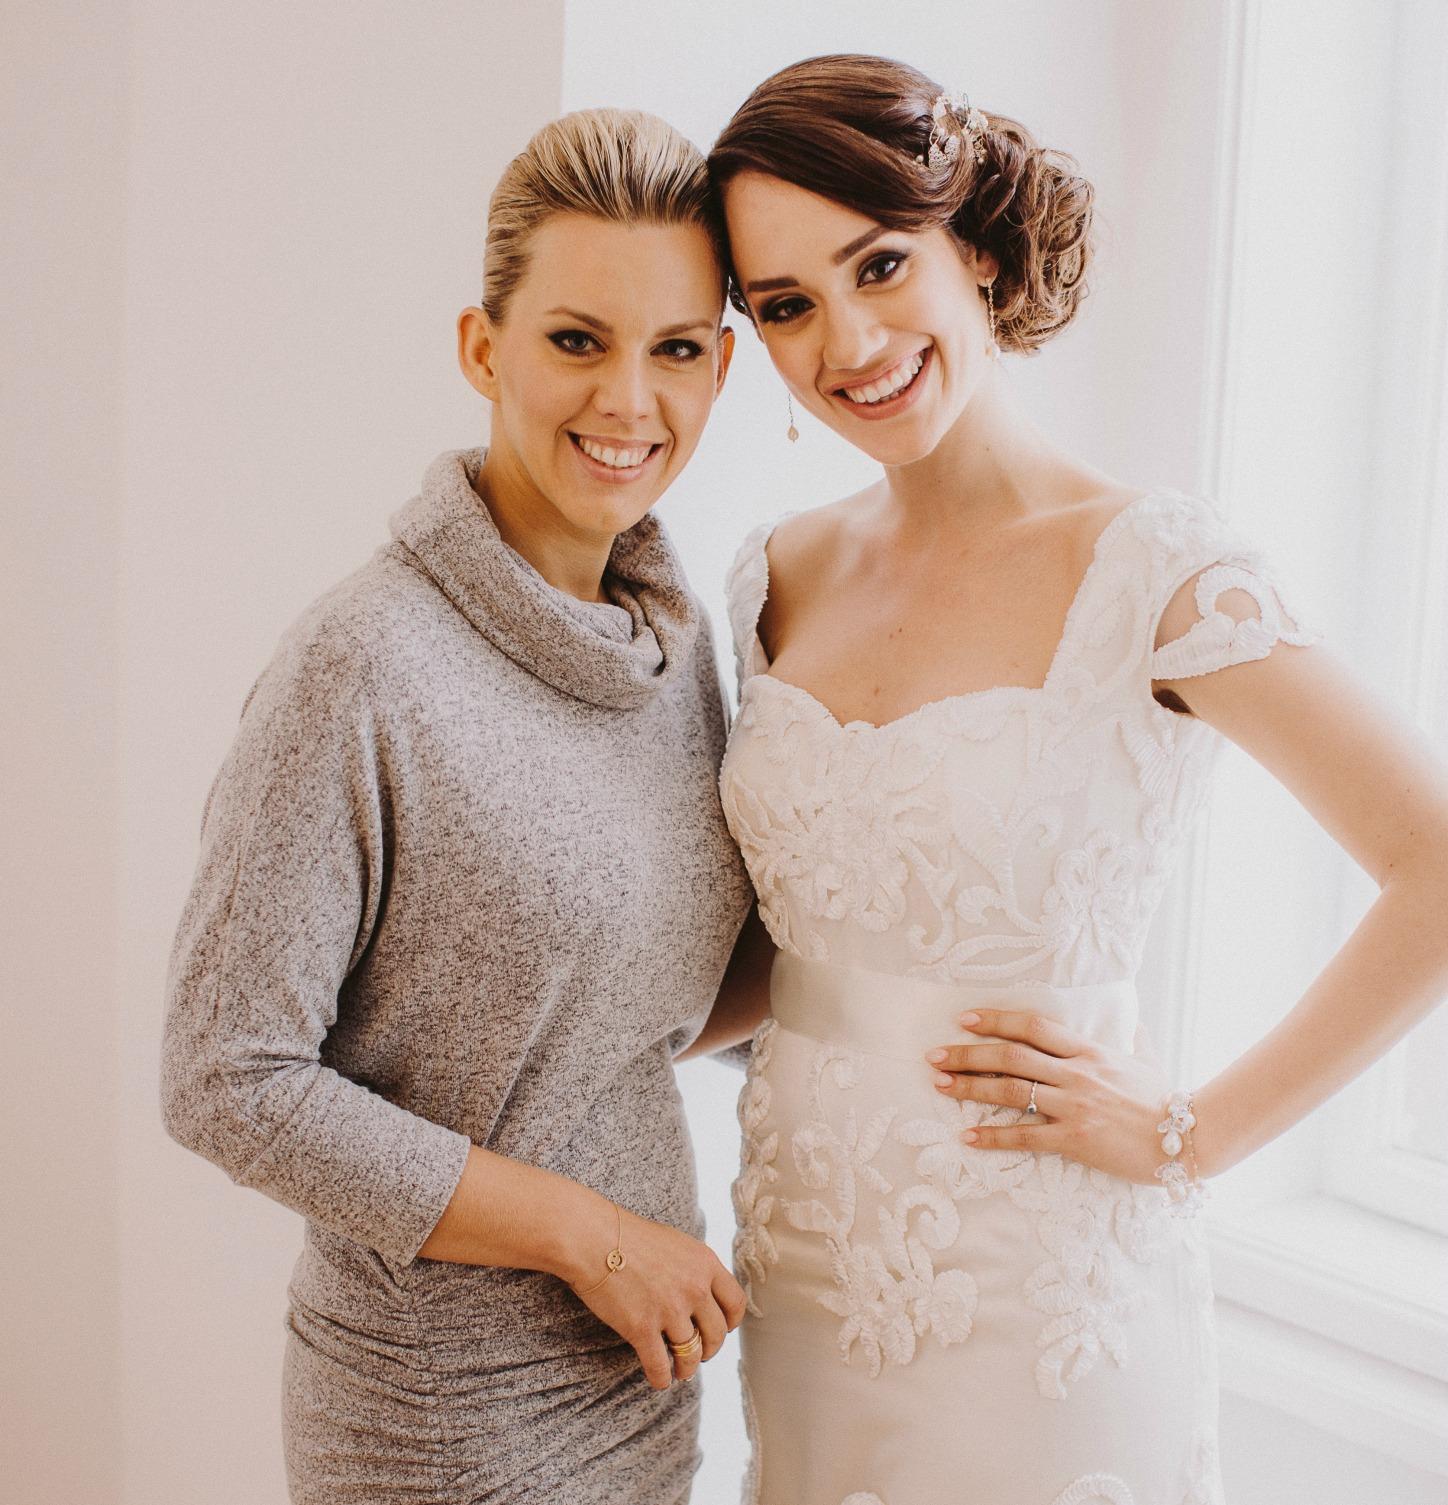 Hochzeitsplanung: Tipps und Checkliste der Wedding Box